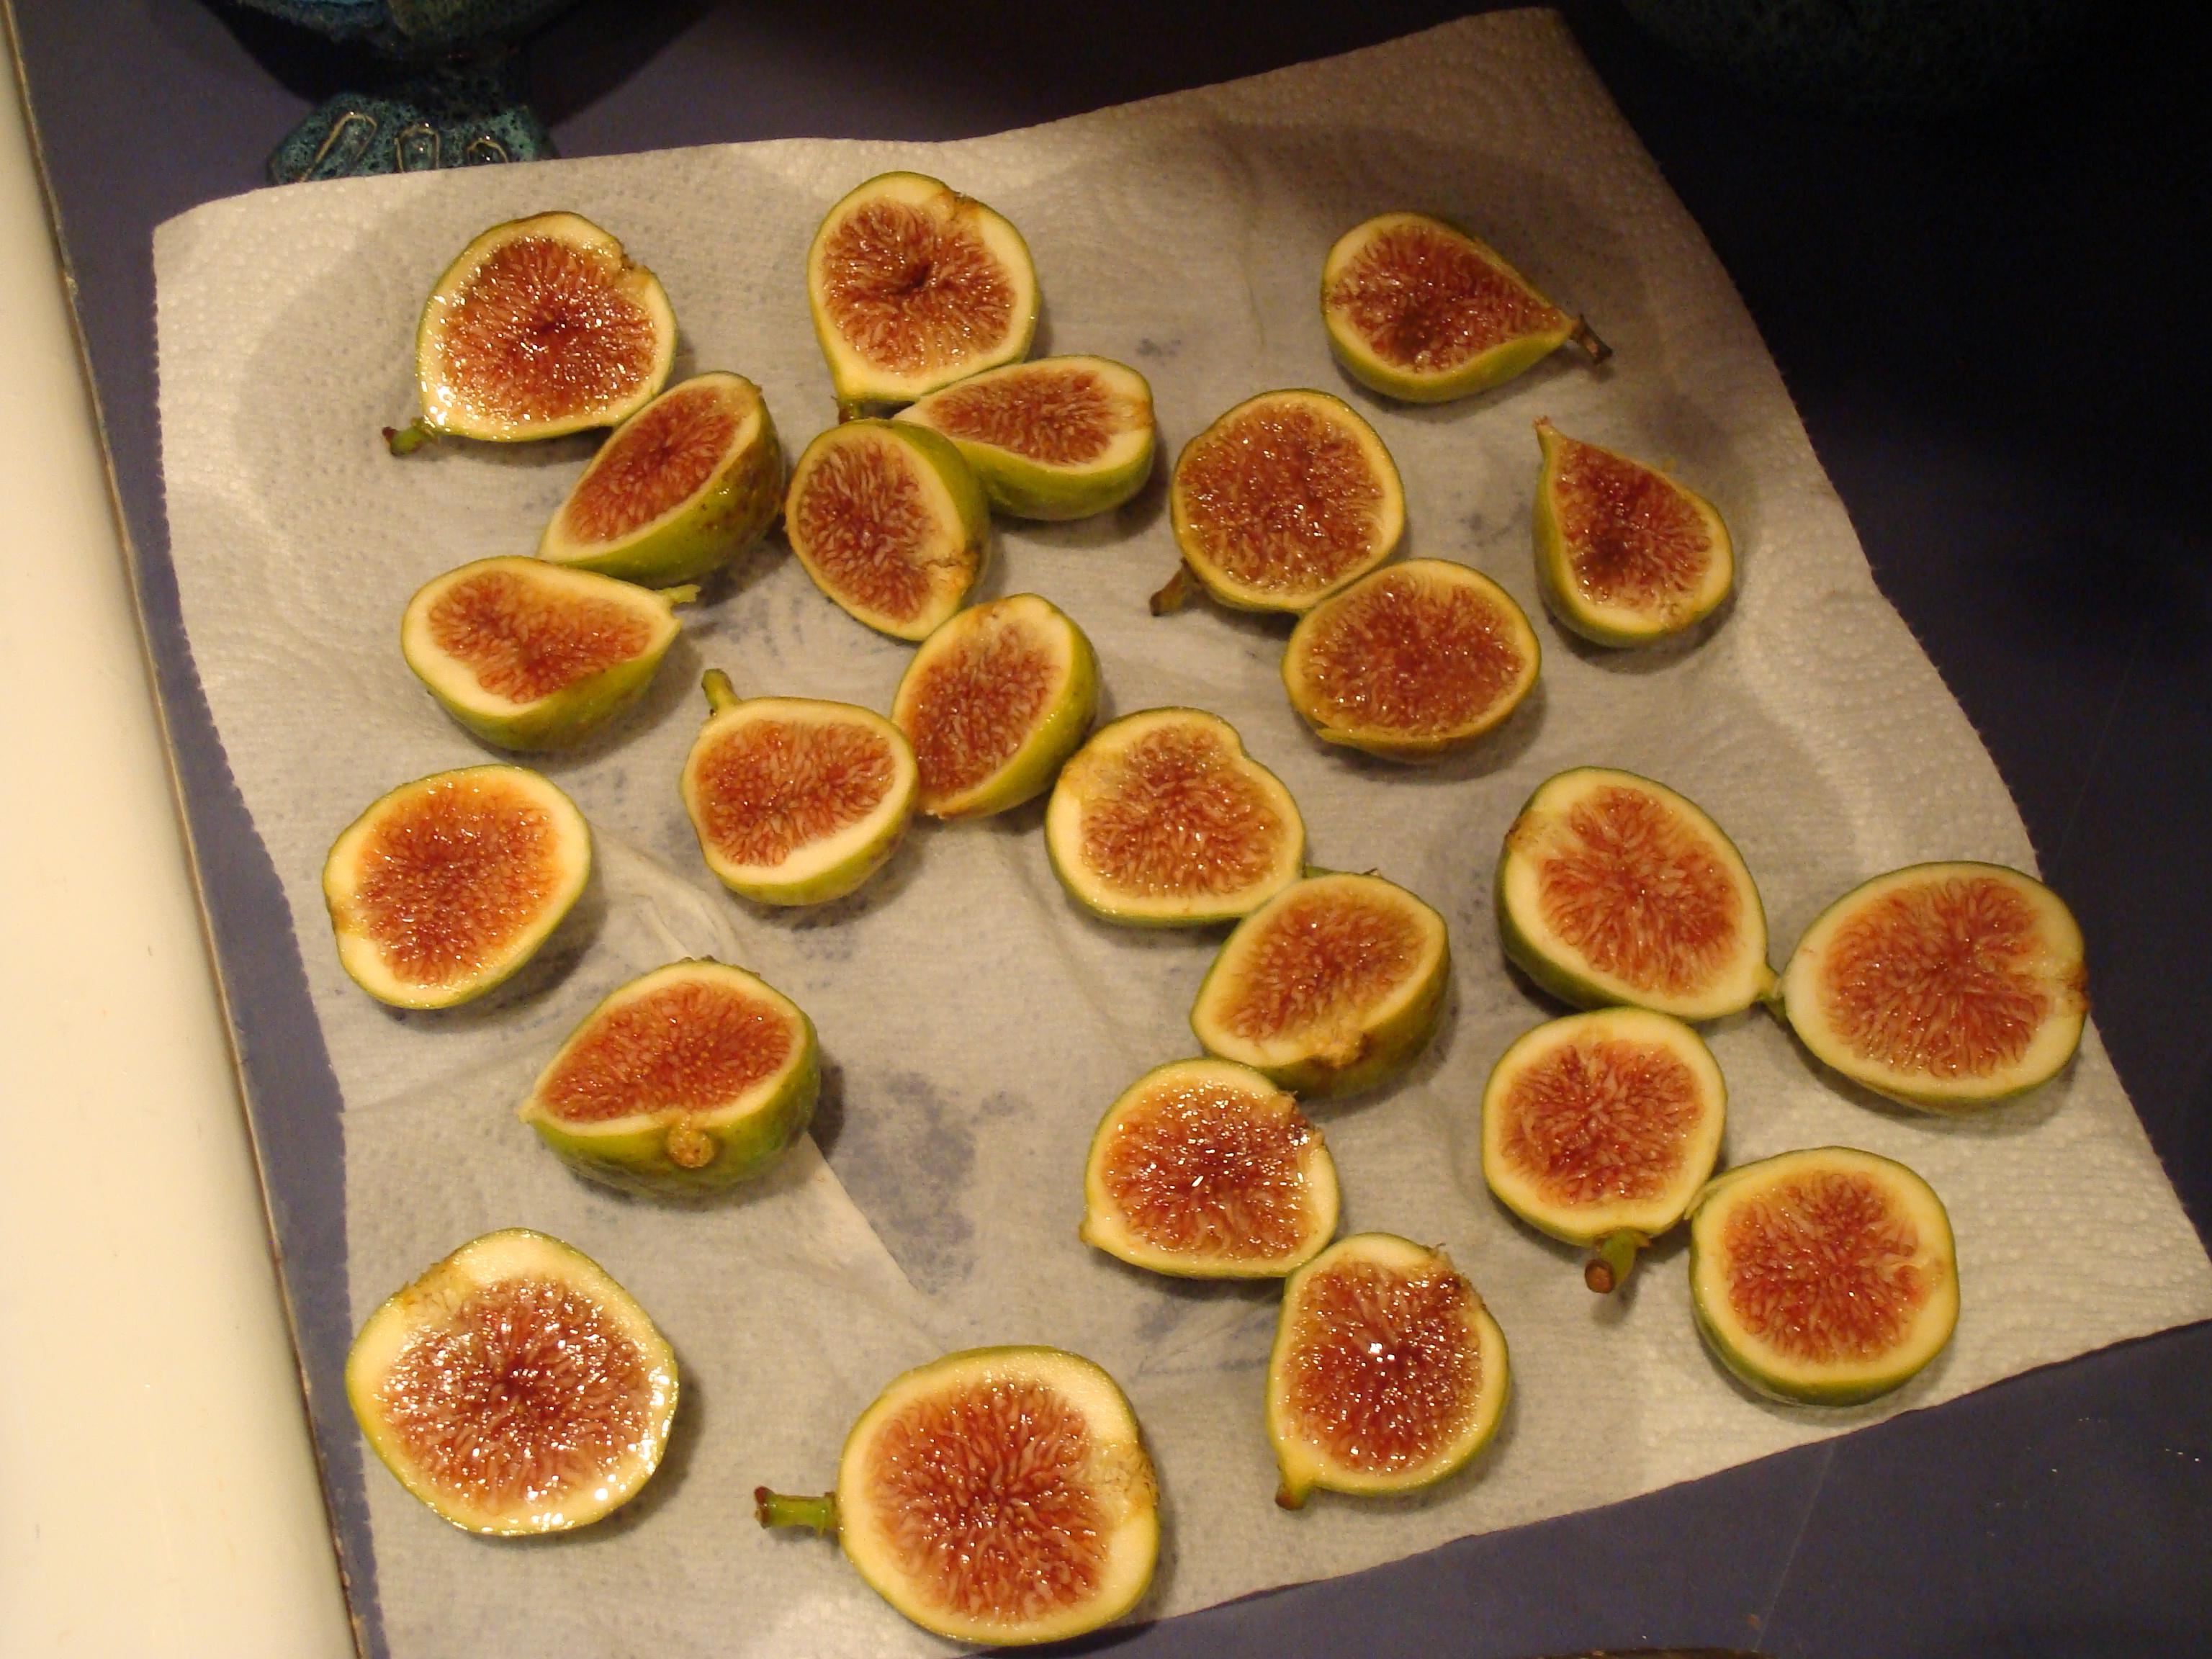 Blushing beauties: Kadota figs.